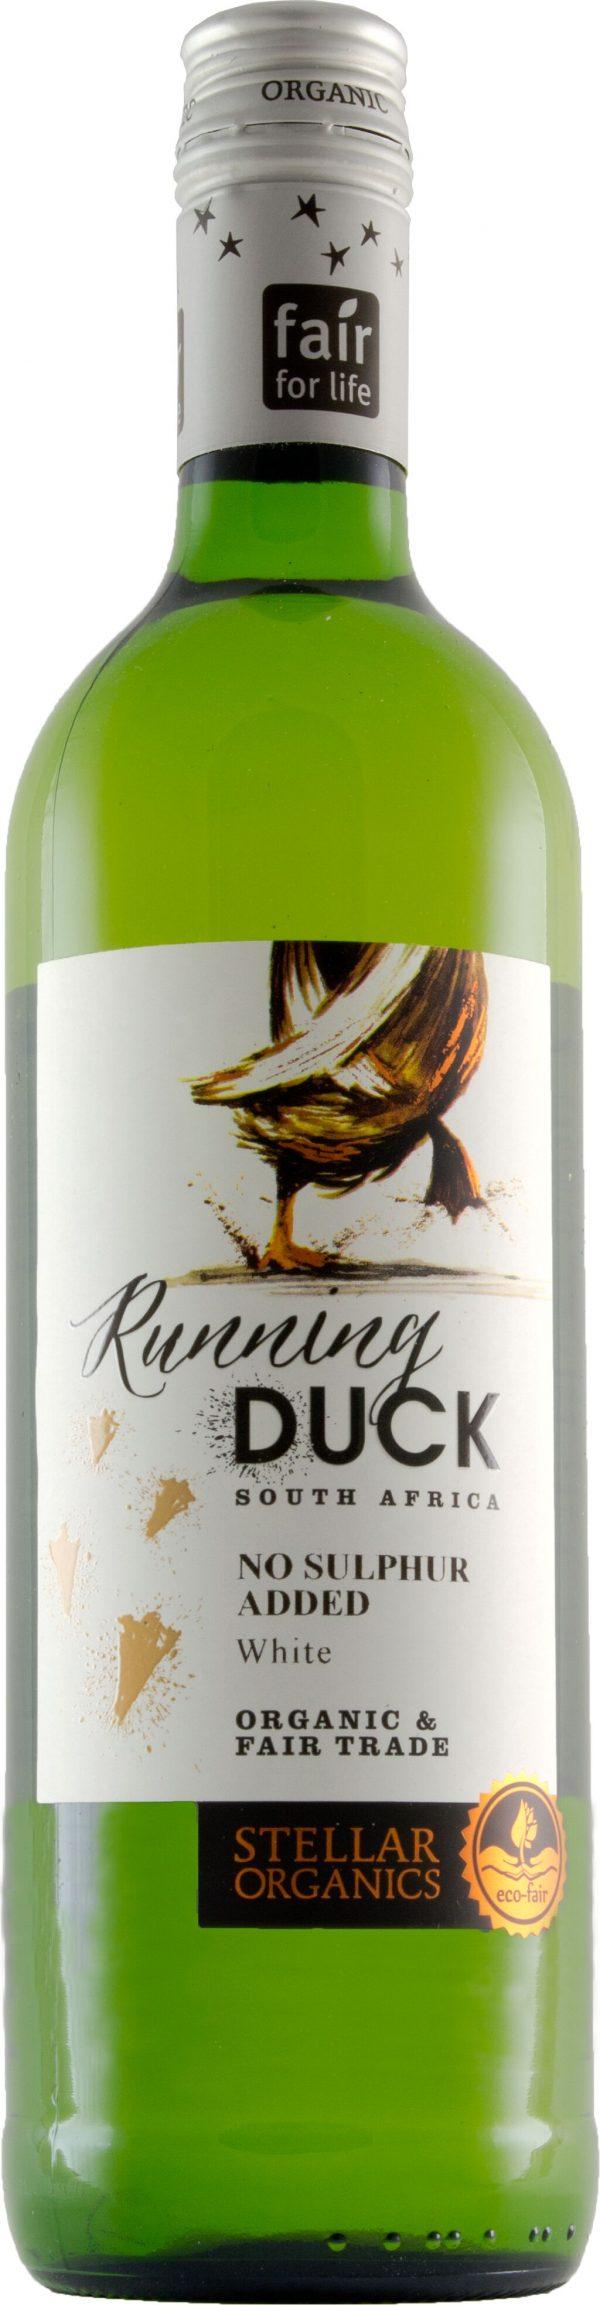 Running Duck White 75cl